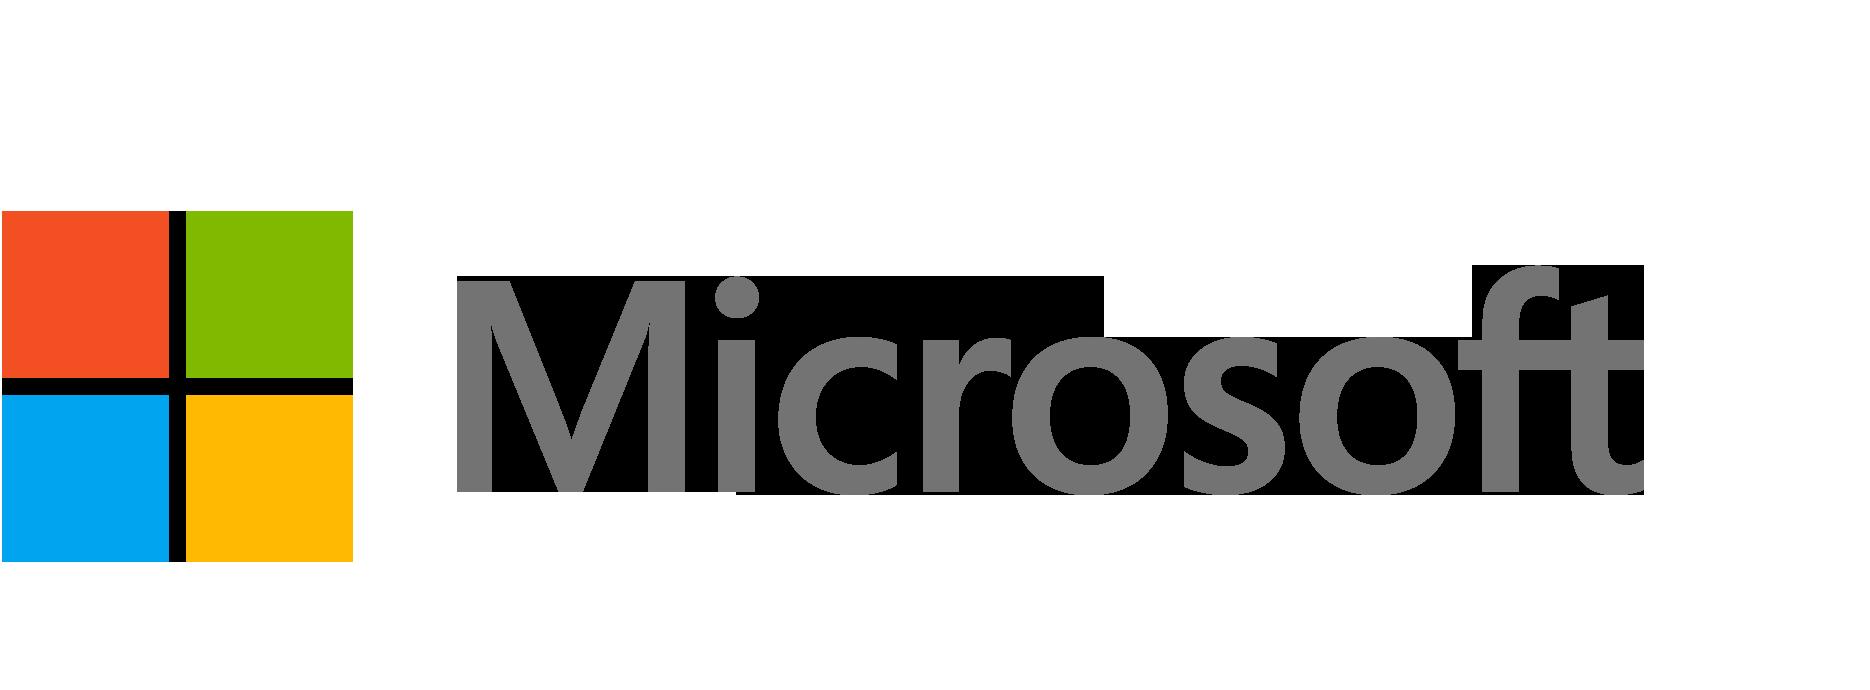 Microsoft 365 E3 - Unattended License (1LL-00003)